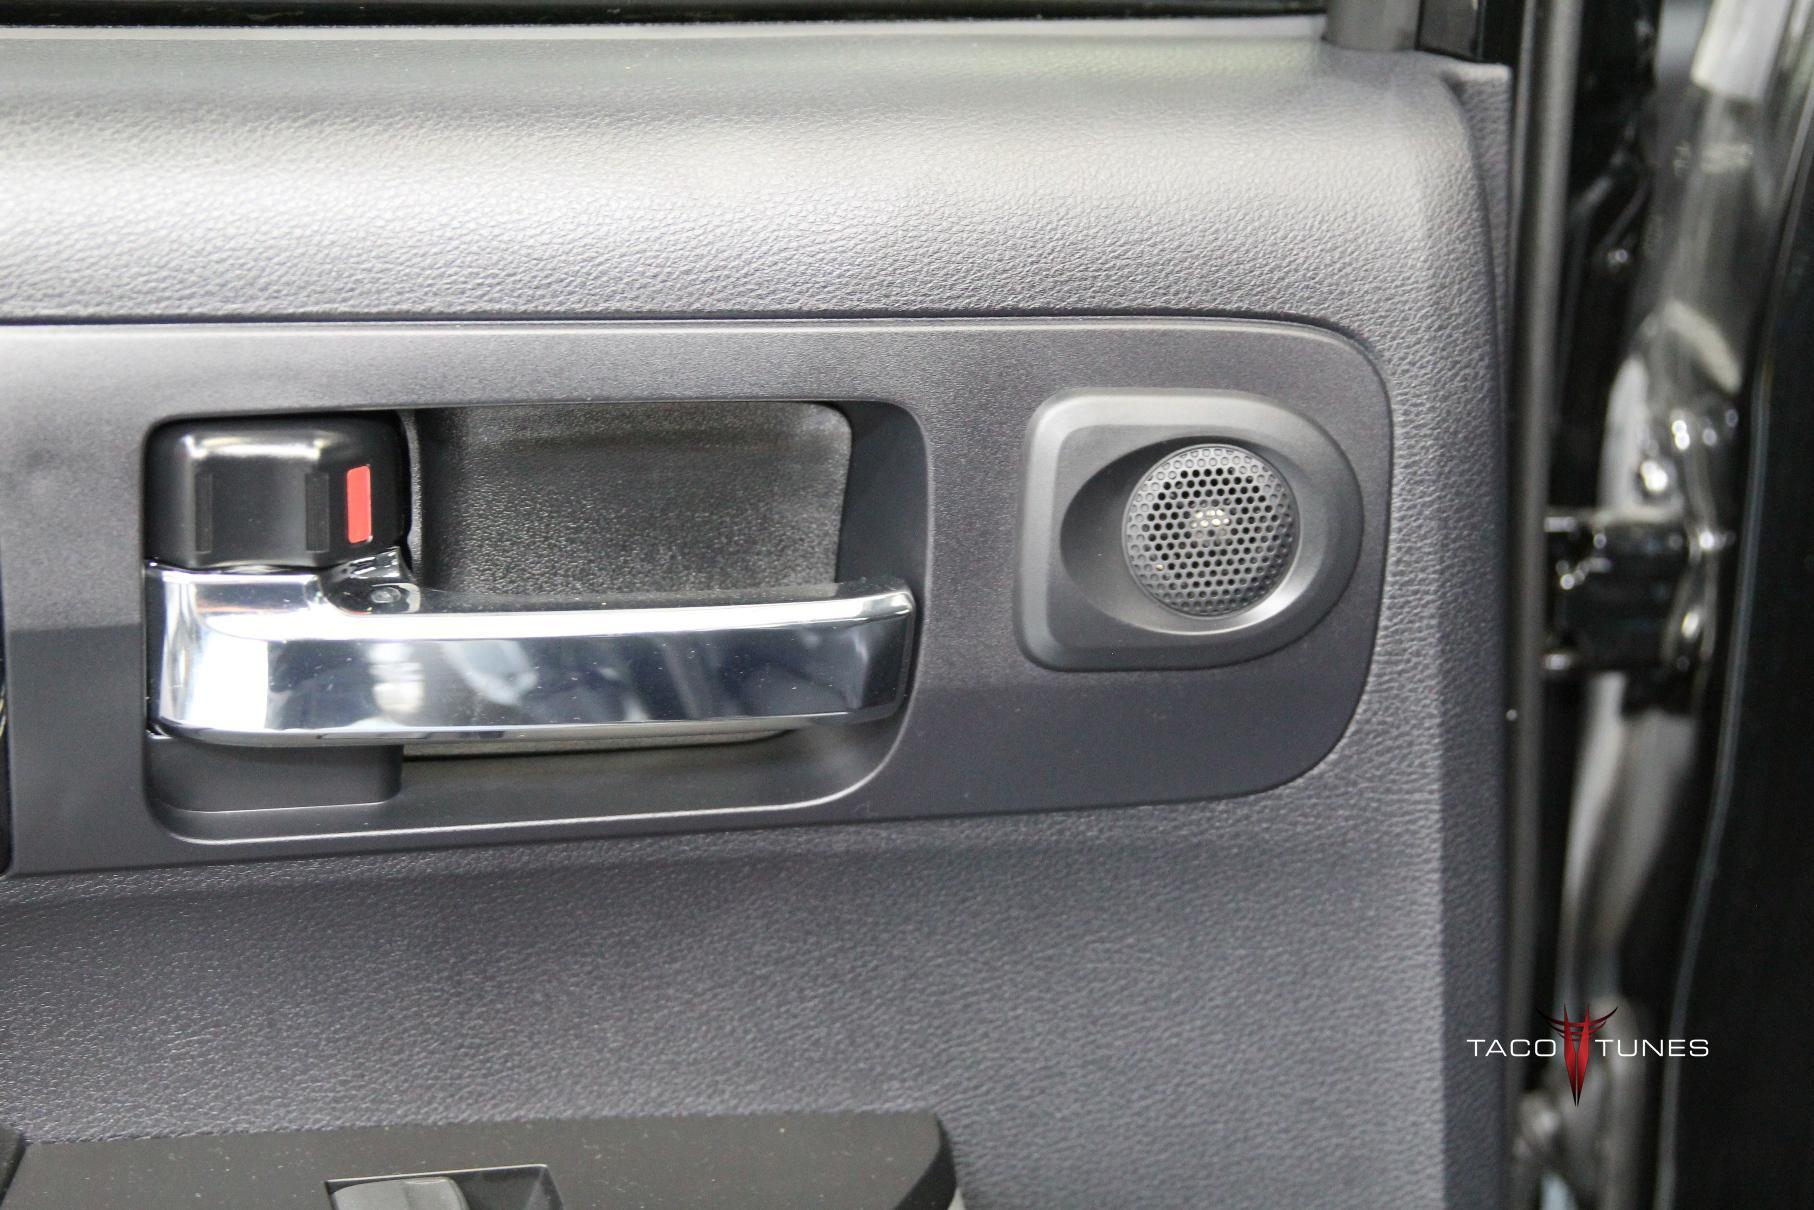 Toyota Tundra CrewMax Rear Door Tweeter Close up & 2014+ Toyota Tundra CrewMax Stock JBL Stereo System Pictures Details ...